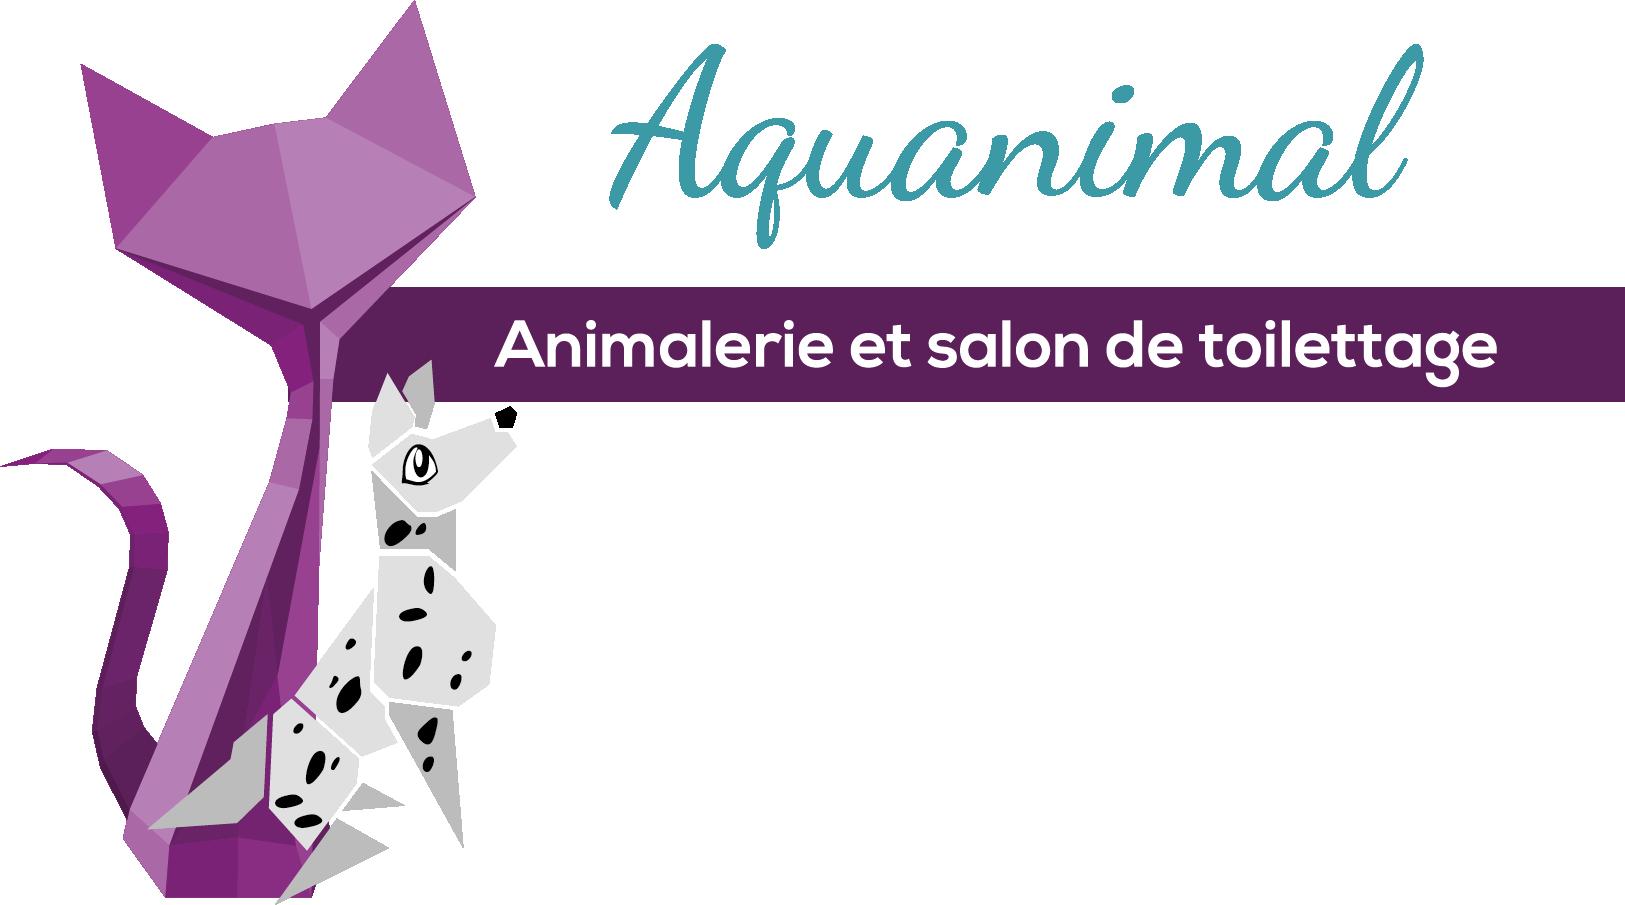 Aquanimal